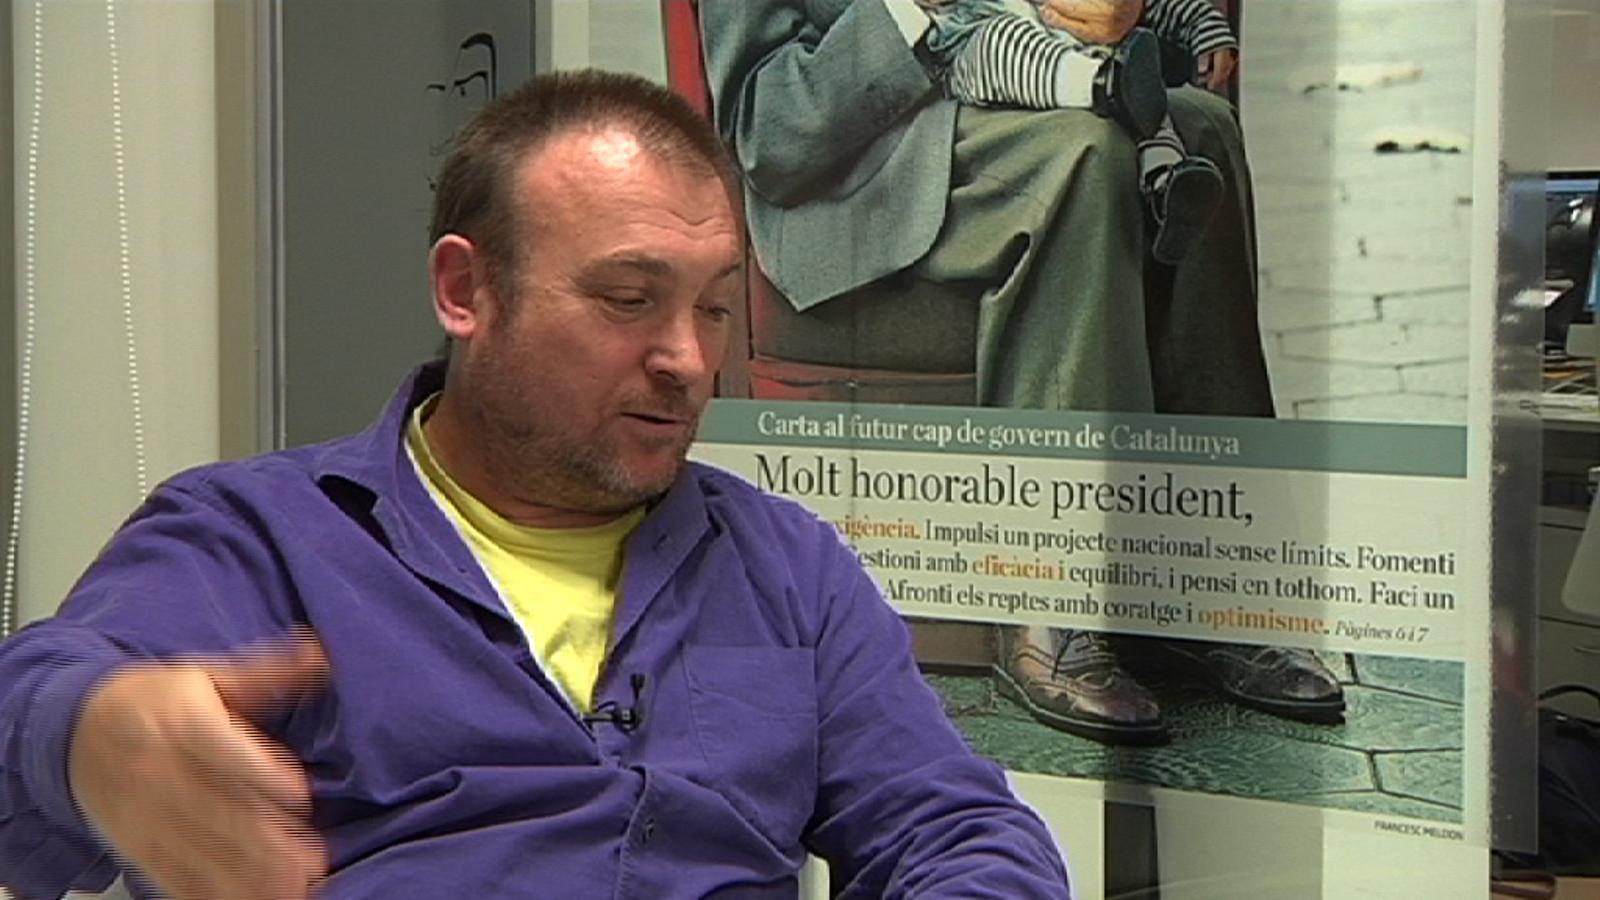 Miquel Barceló: A mi m'agrada José Tomás, però no sóc capaç de convèncer ningú que els toros estan bé